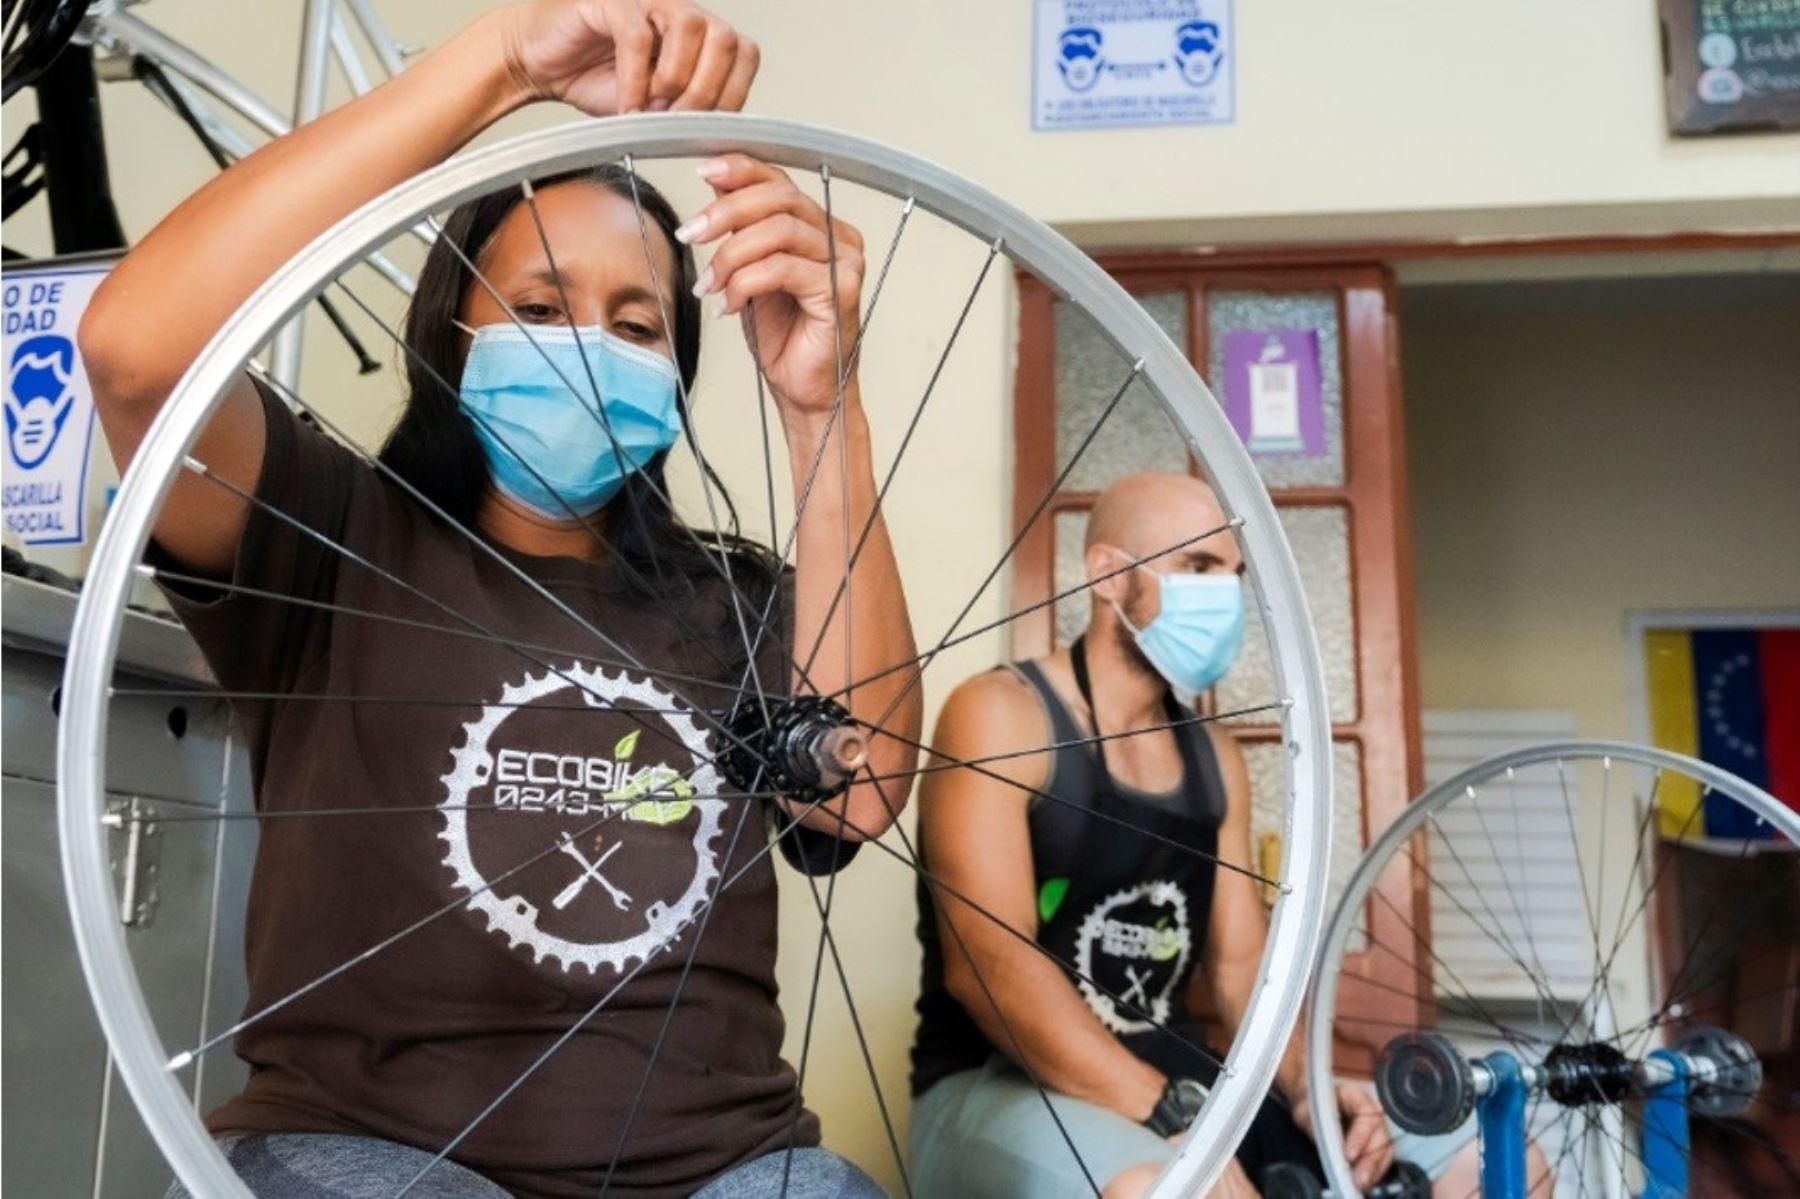 Ciudadanos venezolanos reciben capital semilla para sus emprendimientos gracias a la ONG Save the Children. Foto: ANDINA/difusión.